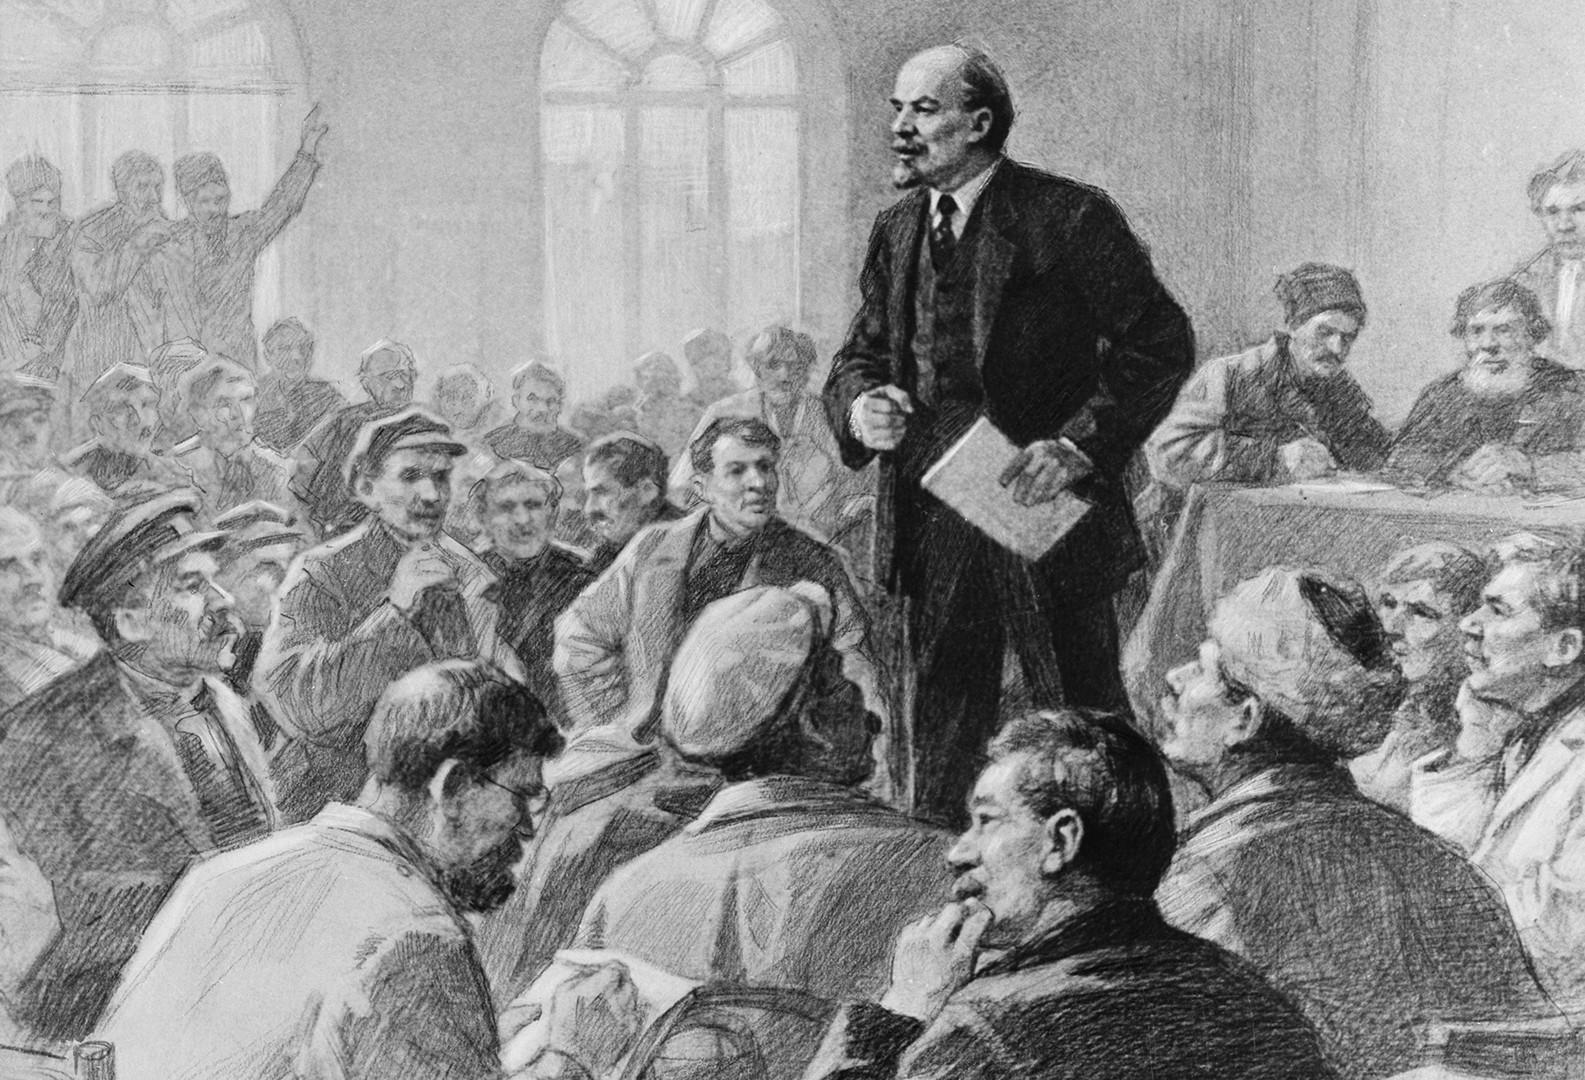 Govor Vladimirja Lenina na sestanku.